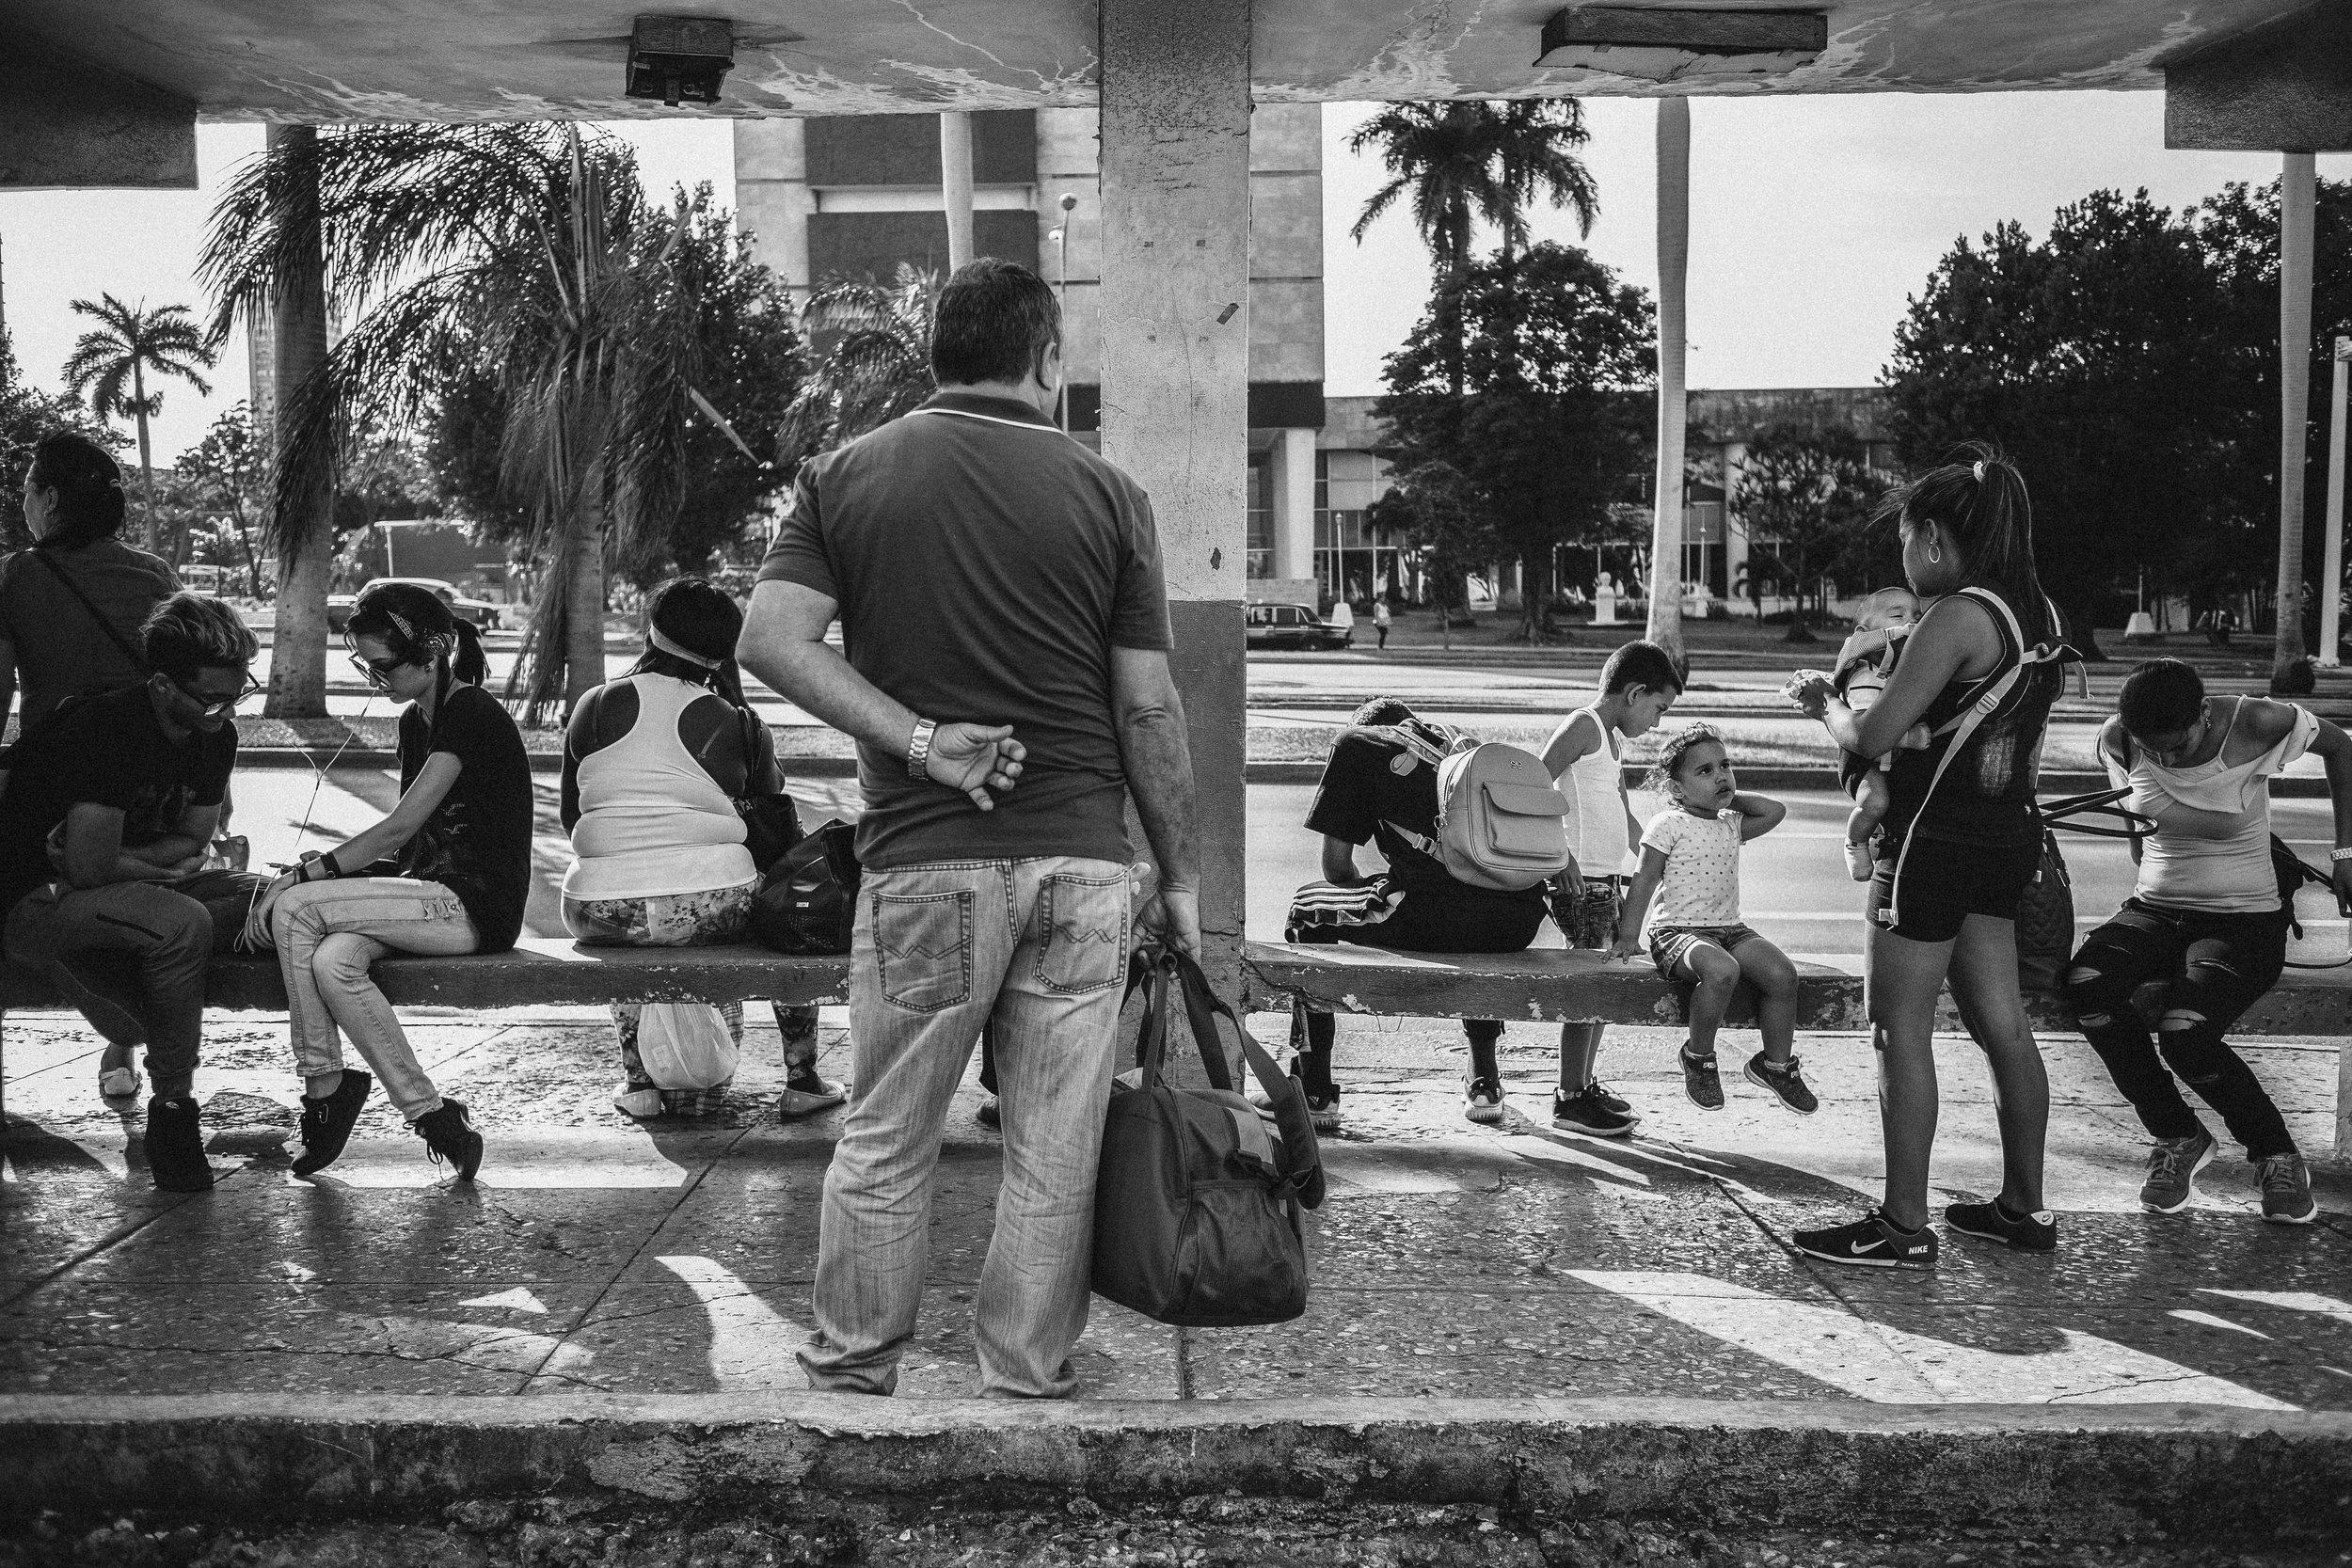 P-Bus de Cuba by Jorge Güiro 9.jpg